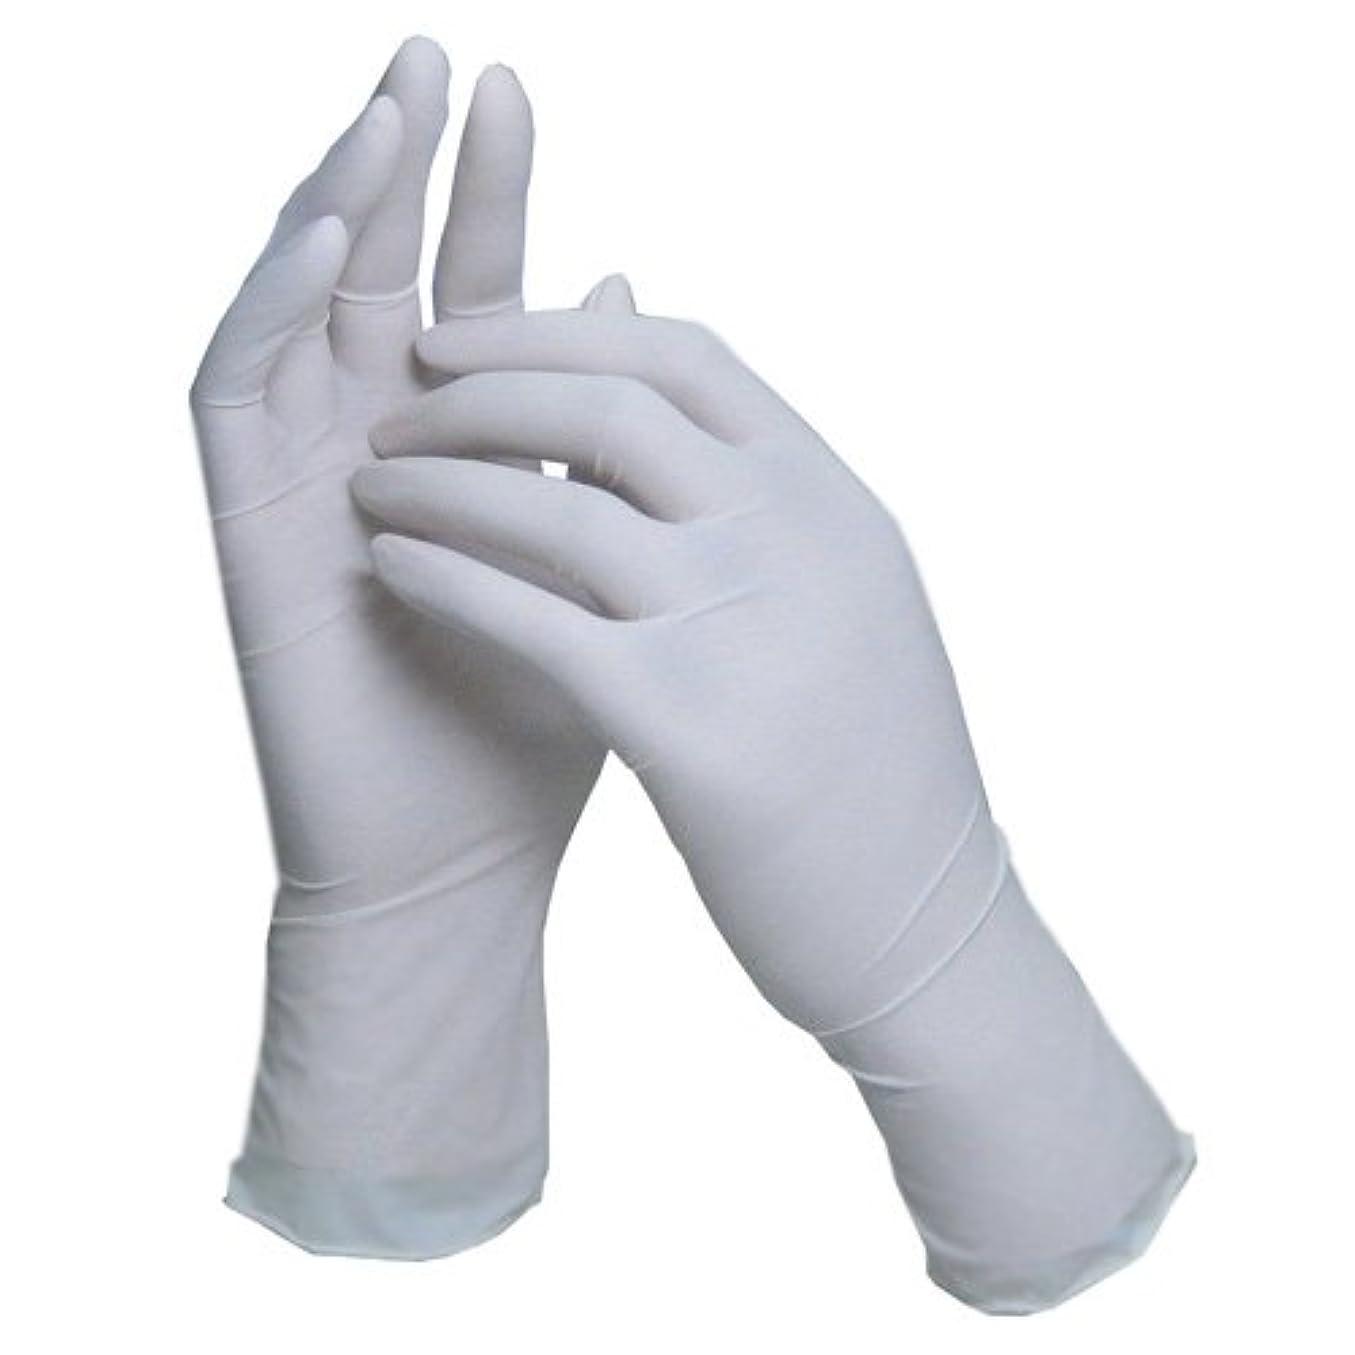 存在する村自分の力ですべてをするSL ラテックス手袋(粉付)S 2000枚